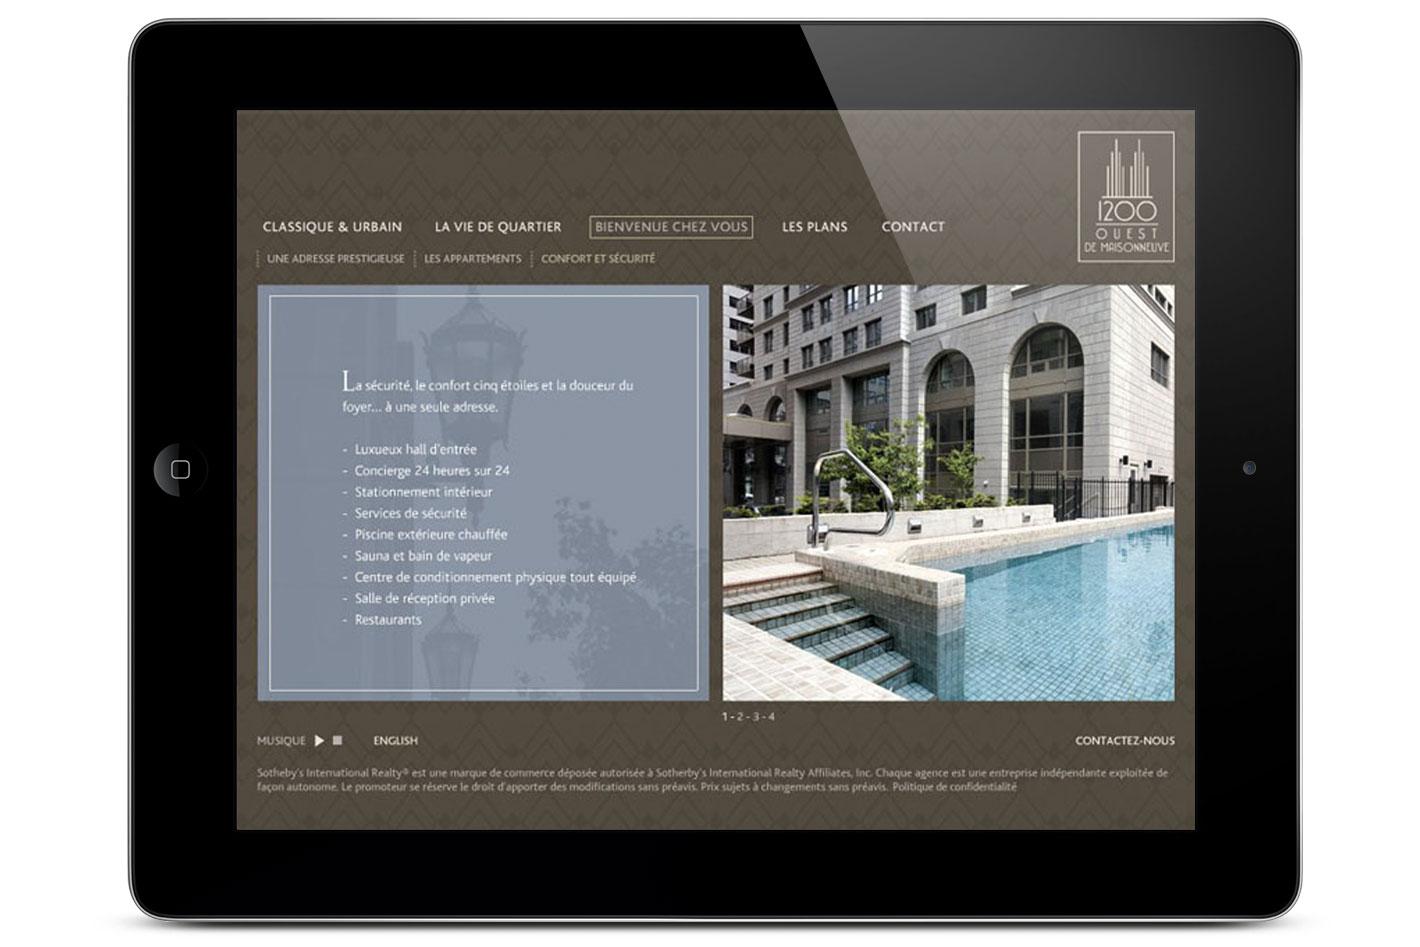 1200Maisonneuve_IMGS_1420x947-iPad_horizontal